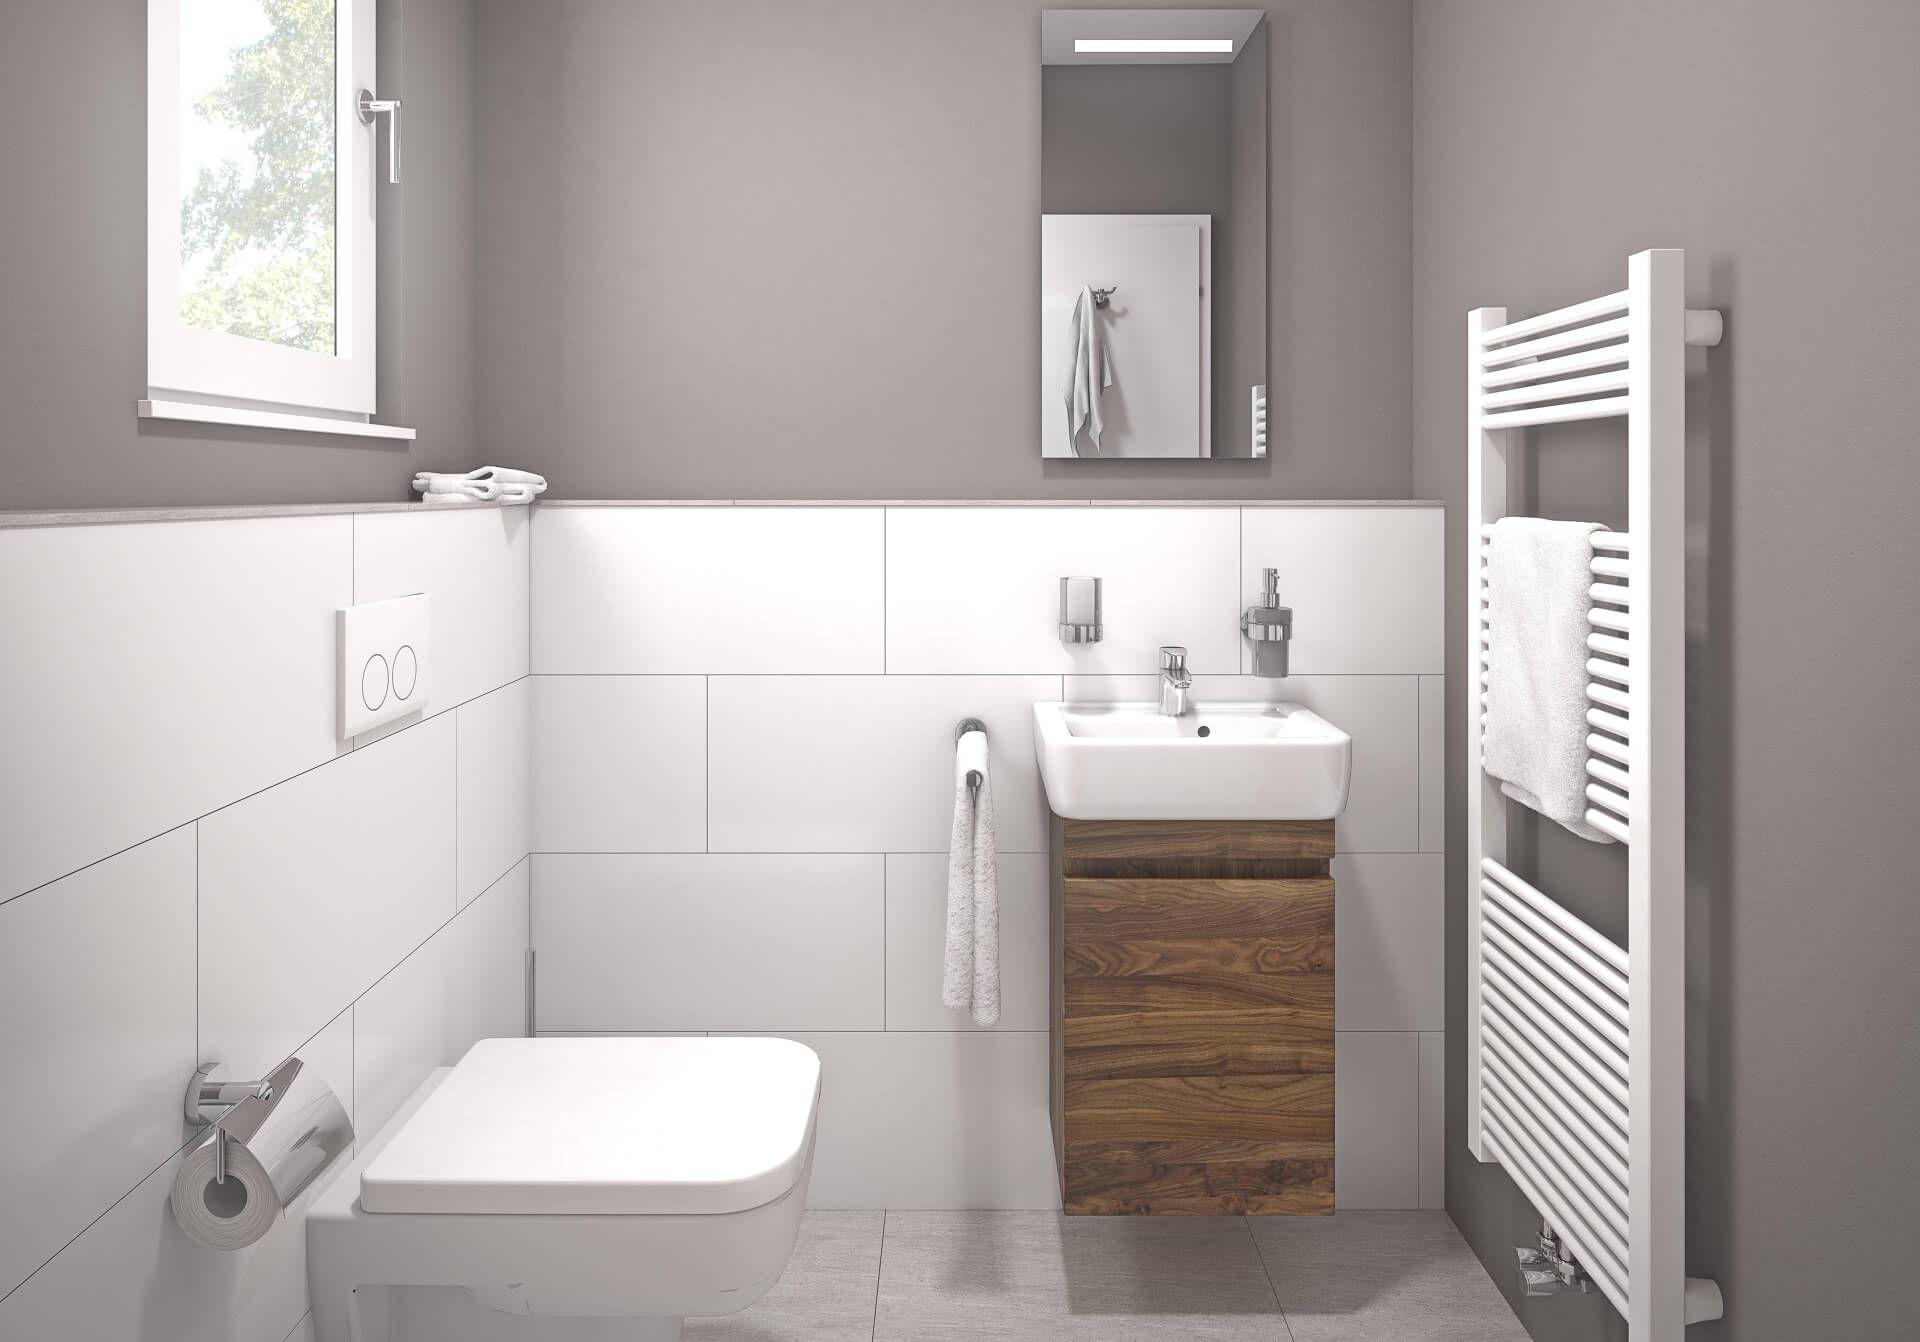 Badplaner Jetzt Badezimmer Planen Mit Obi In 2020 Gaste Wc Ideen Badezimmer Planen Gaste Wc